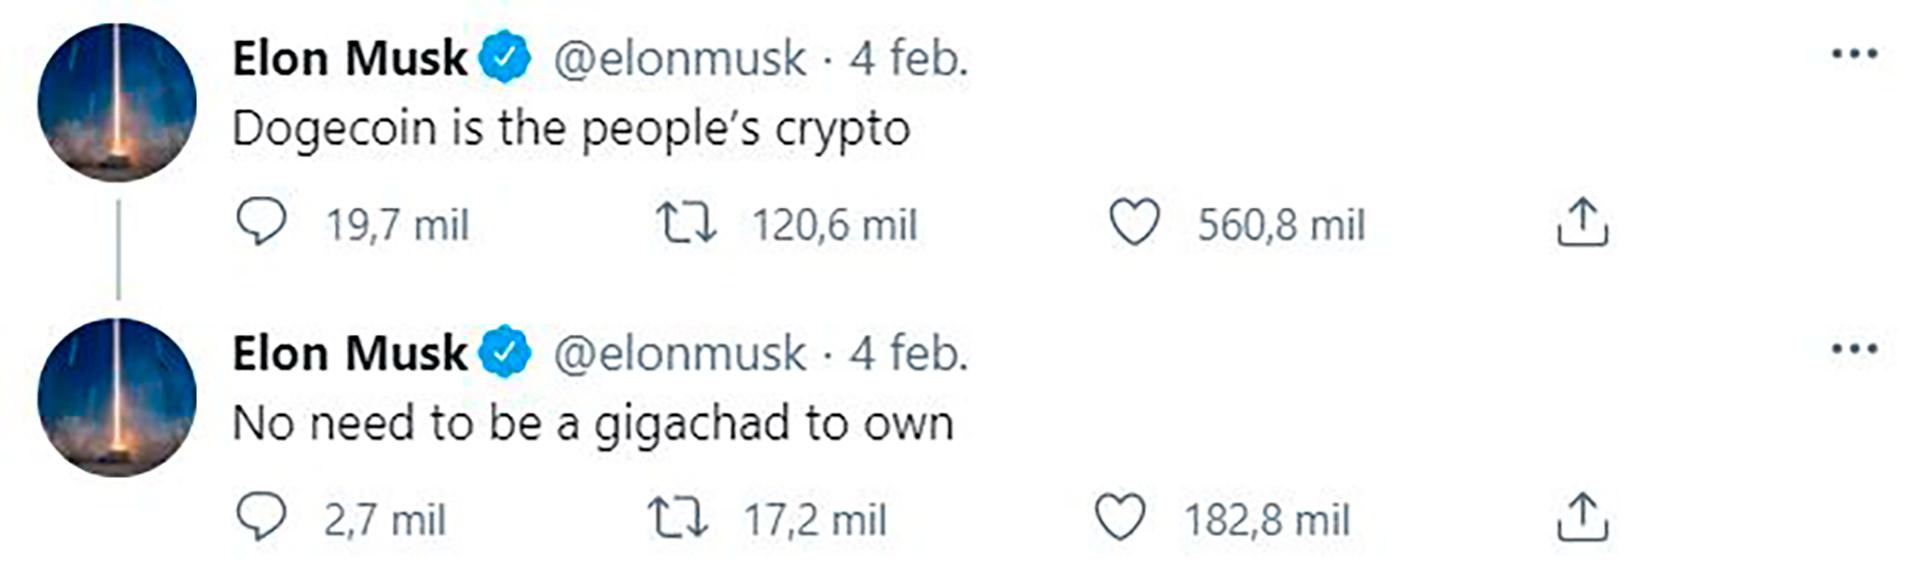 elon musk tweet bitcoin